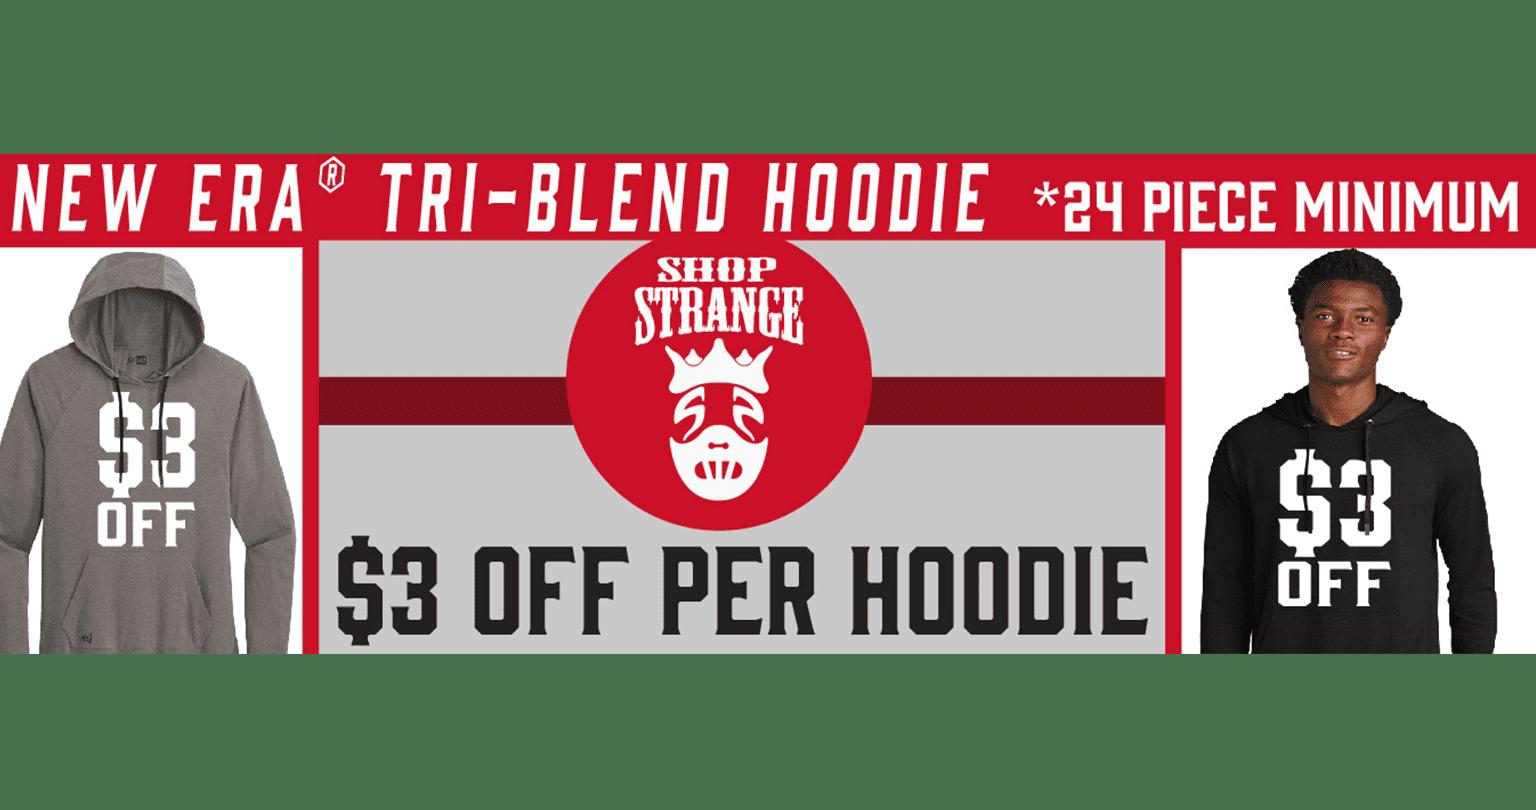 Custom Hoodie Special 40